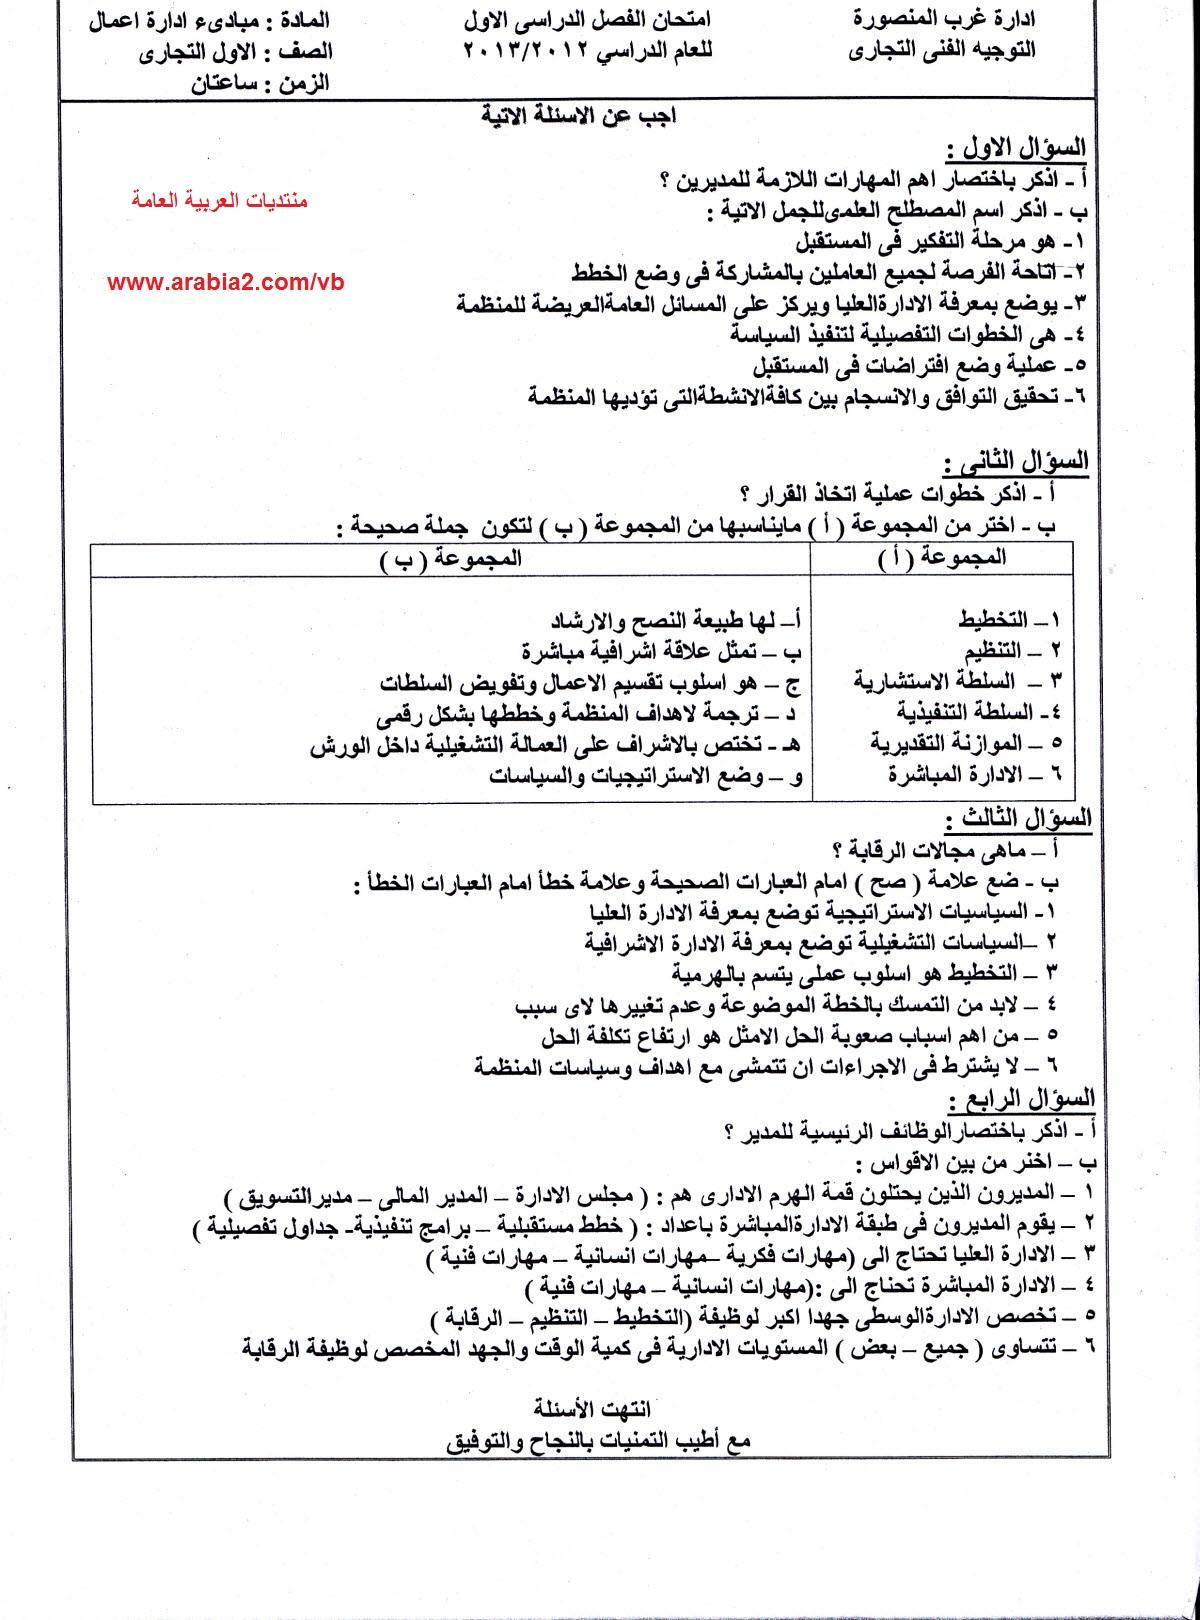 مبادئ إدارة الأعمال الصف الأول الثانوى التجارى 2014 المنهاج المصري 1449404359891.jpg